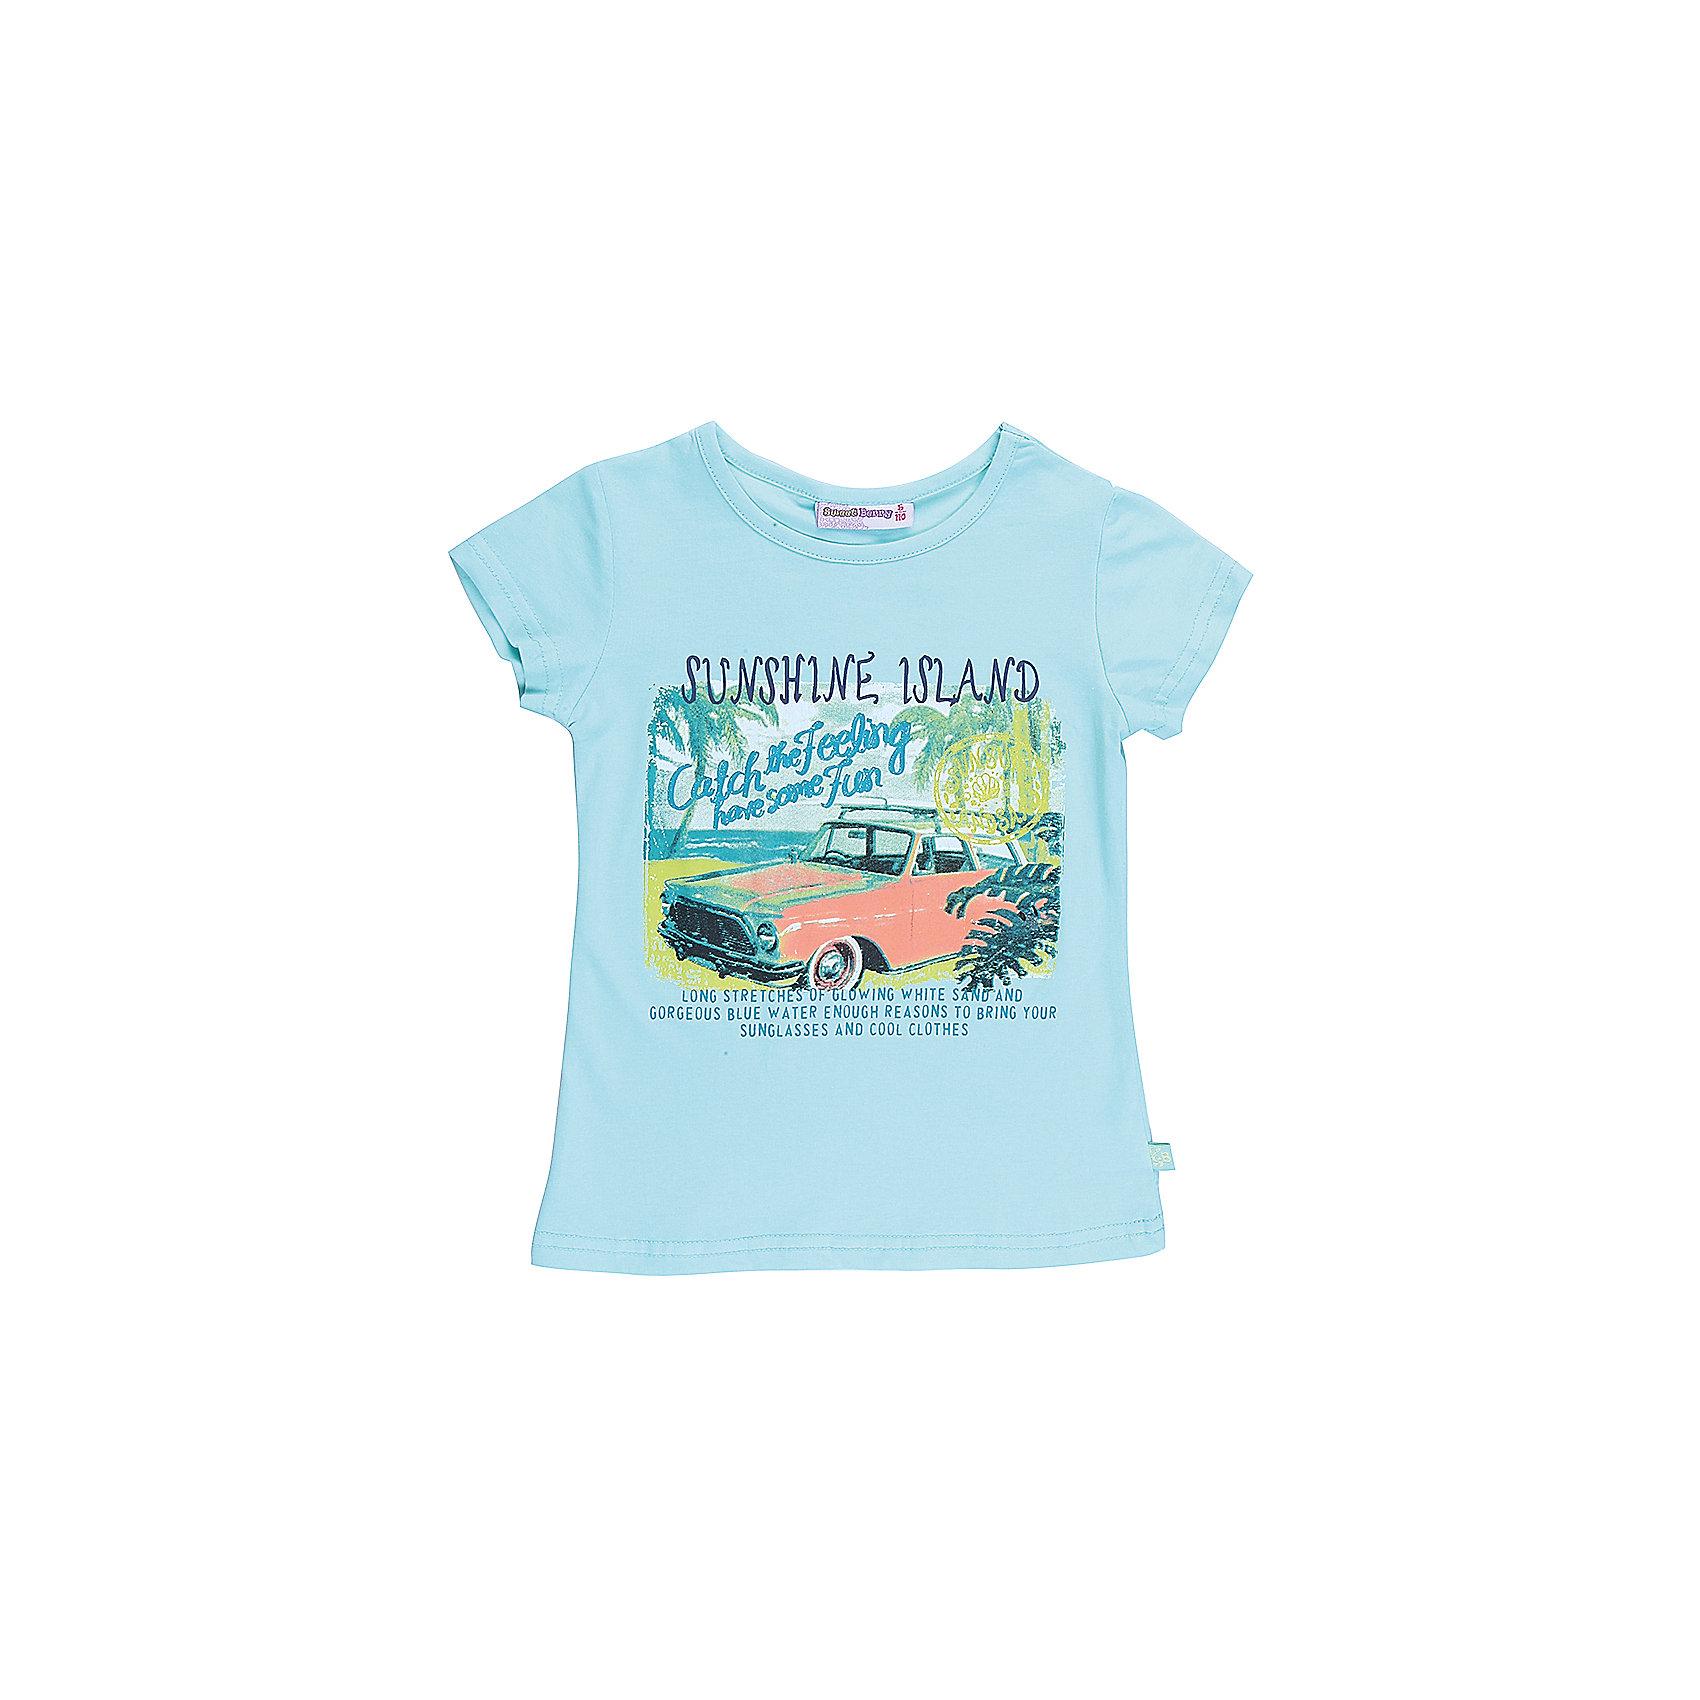 Футболка для девочки Sweet BerryФутболки, поло и топы<br>Стильная футболка из трикотажной ткани для девочки с коротким рукавом. Декорирована оригинальным принтом. Приталенный крой.<br>Состав:<br>95%хлопок 5%эластан<br><br>Ширина мм: 199<br>Глубина мм: 10<br>Высота мм: 161<br>Вес г: 151<br>Цвет: голубой<br>Возраст от месяцев: 84<br>Возраст до месяцев: 96<br>Пол: Женский<br>Возраст: Детский<br>Размер: 128,104,98,110,116,122<br>SKU: 5409845